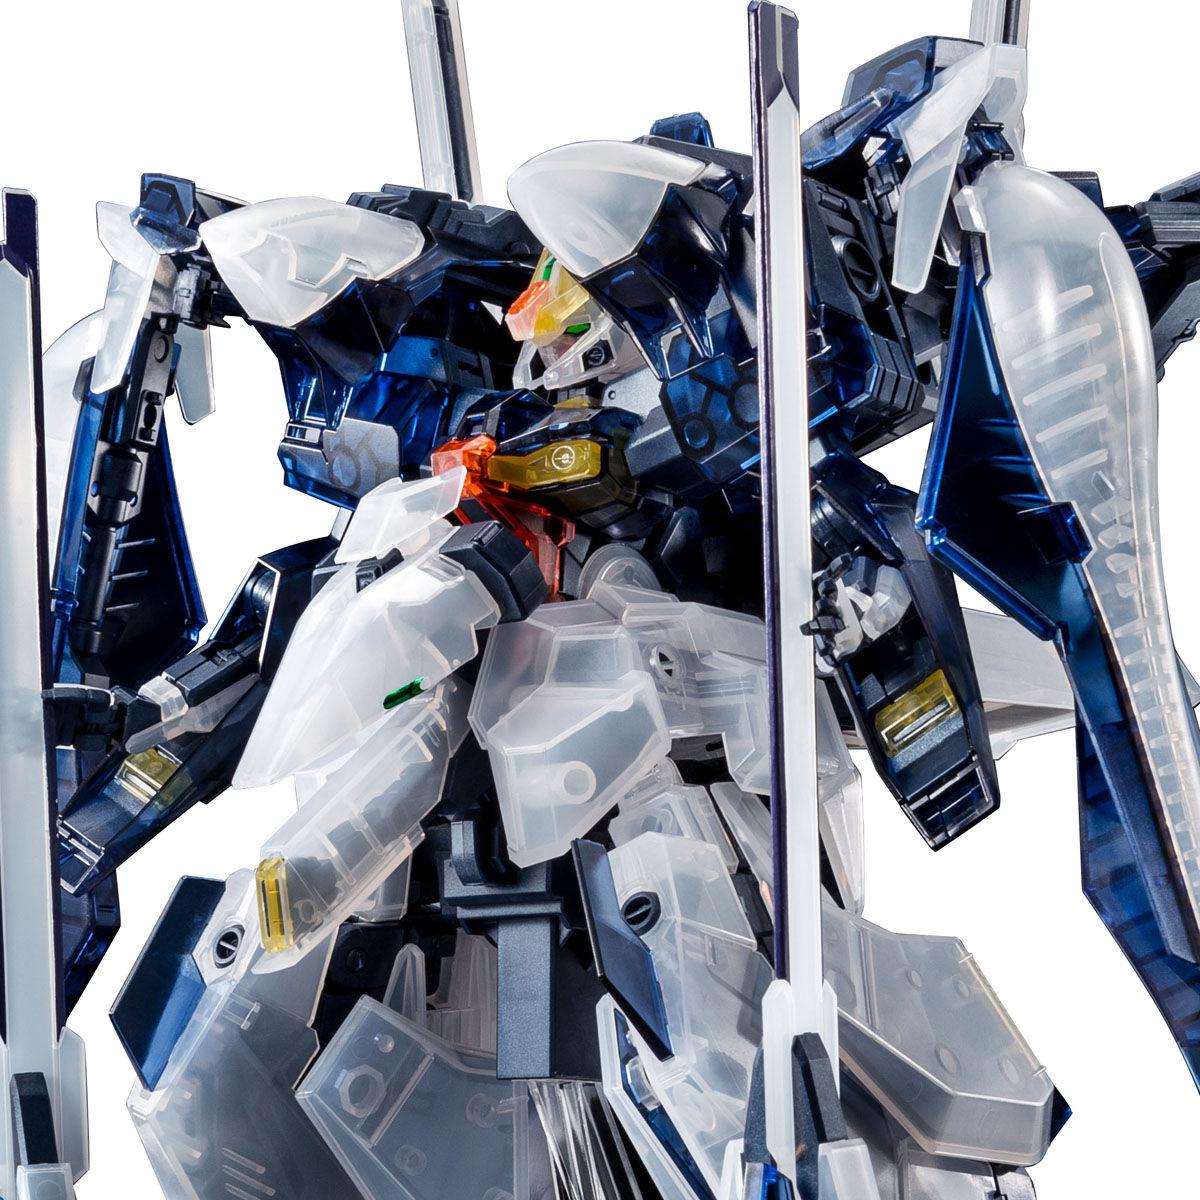 【限定販売】HG 1/144『ガンダムTR-6[ハイゼンスレイII・ラー][クリアカラー]』AOZ プラモデル-007